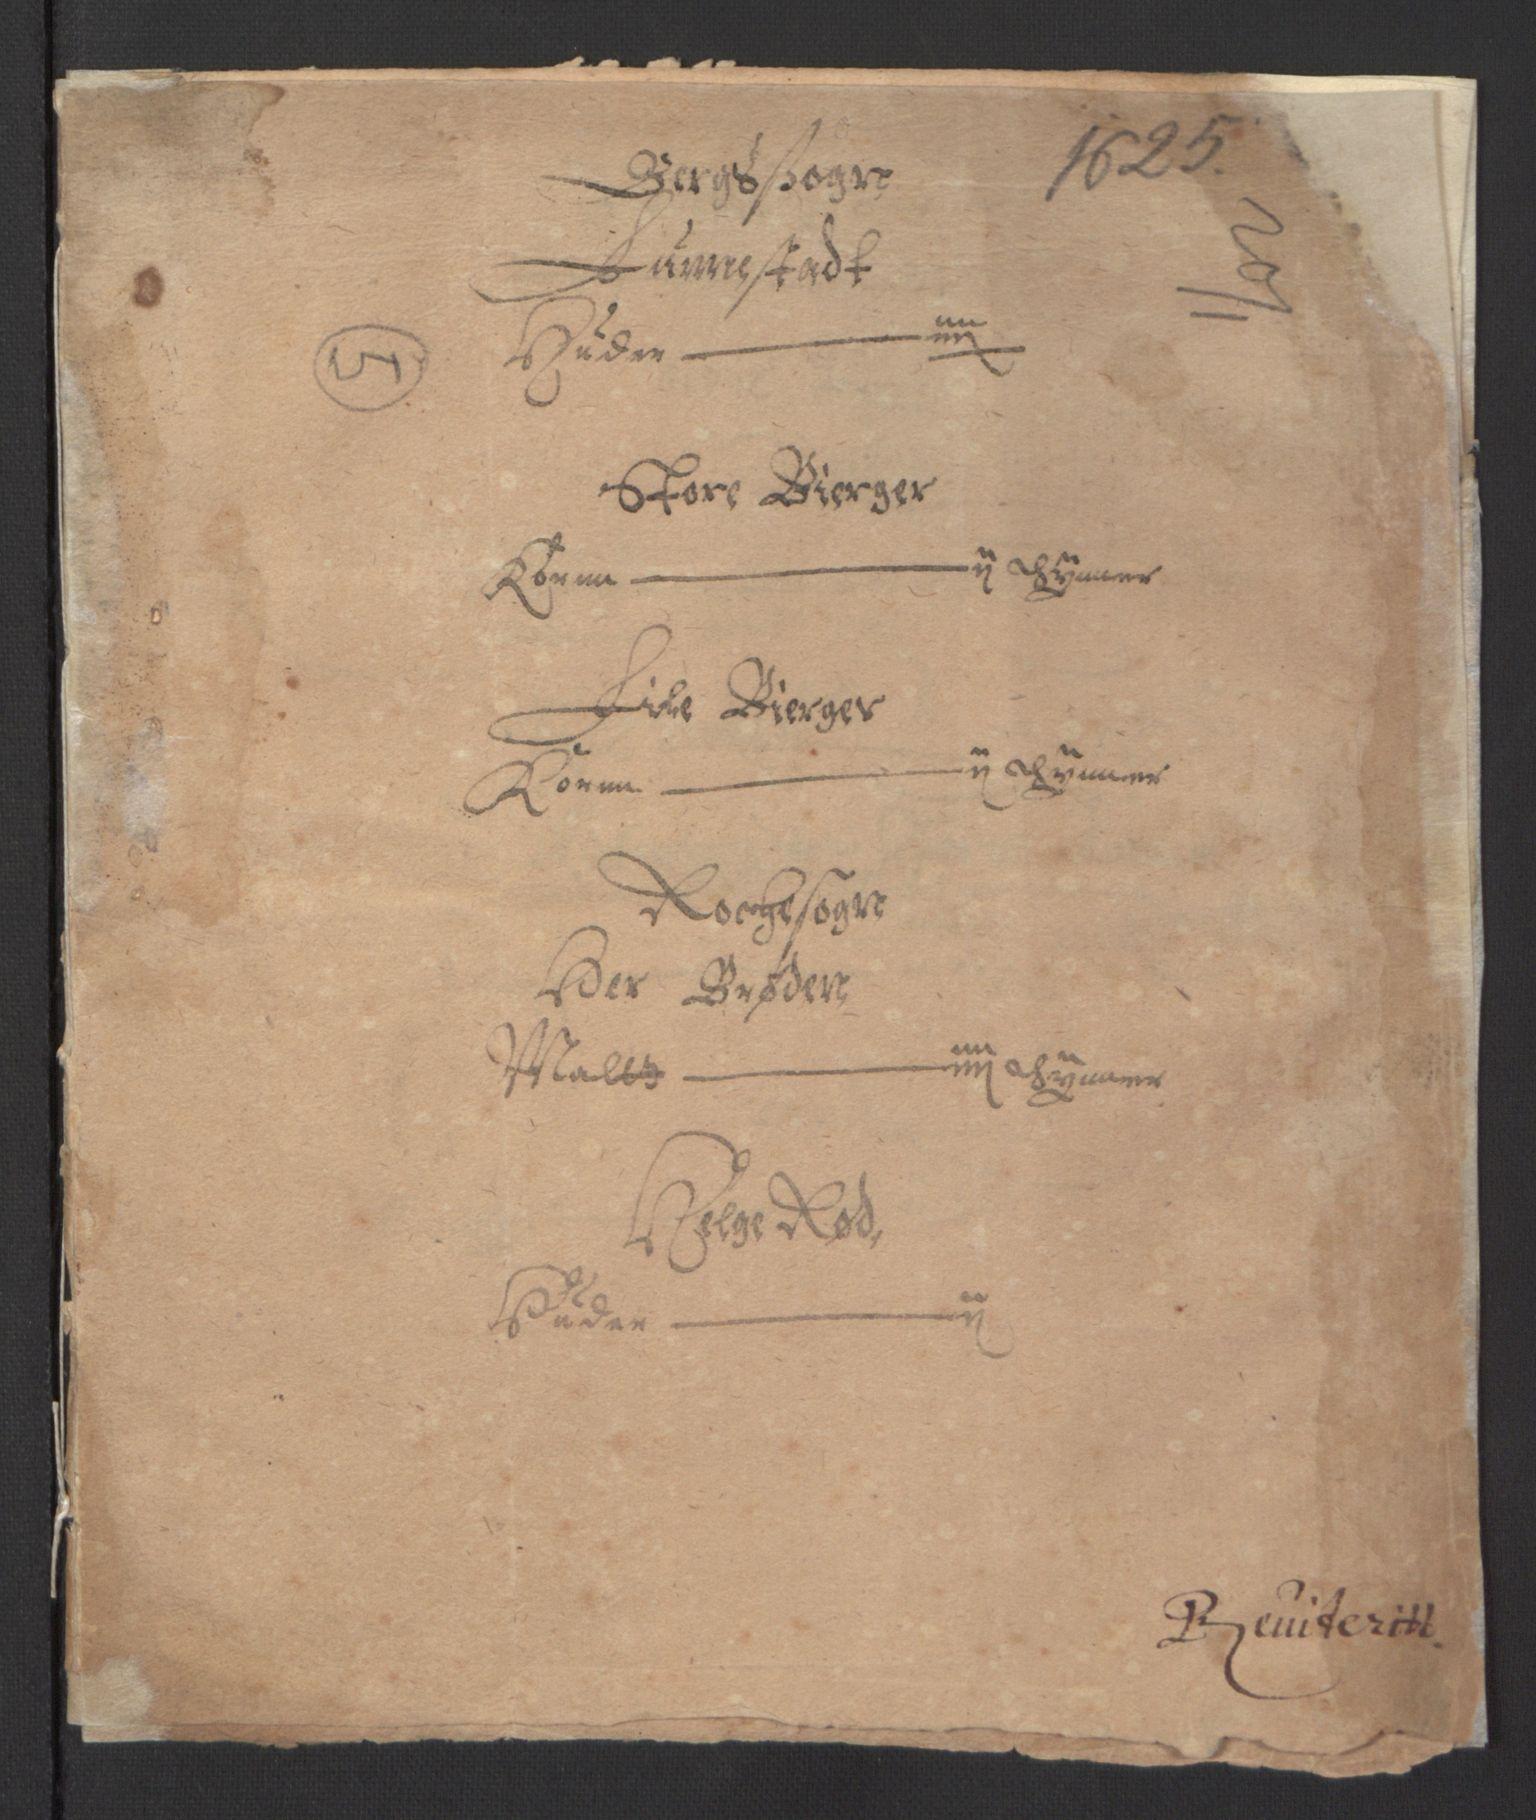 RA, Stattholderembetet 1572-1771, Ek/L0007: Jordebøker til utlikning av rosstjeneste 1624-1626:, 1624-1625, s. 443